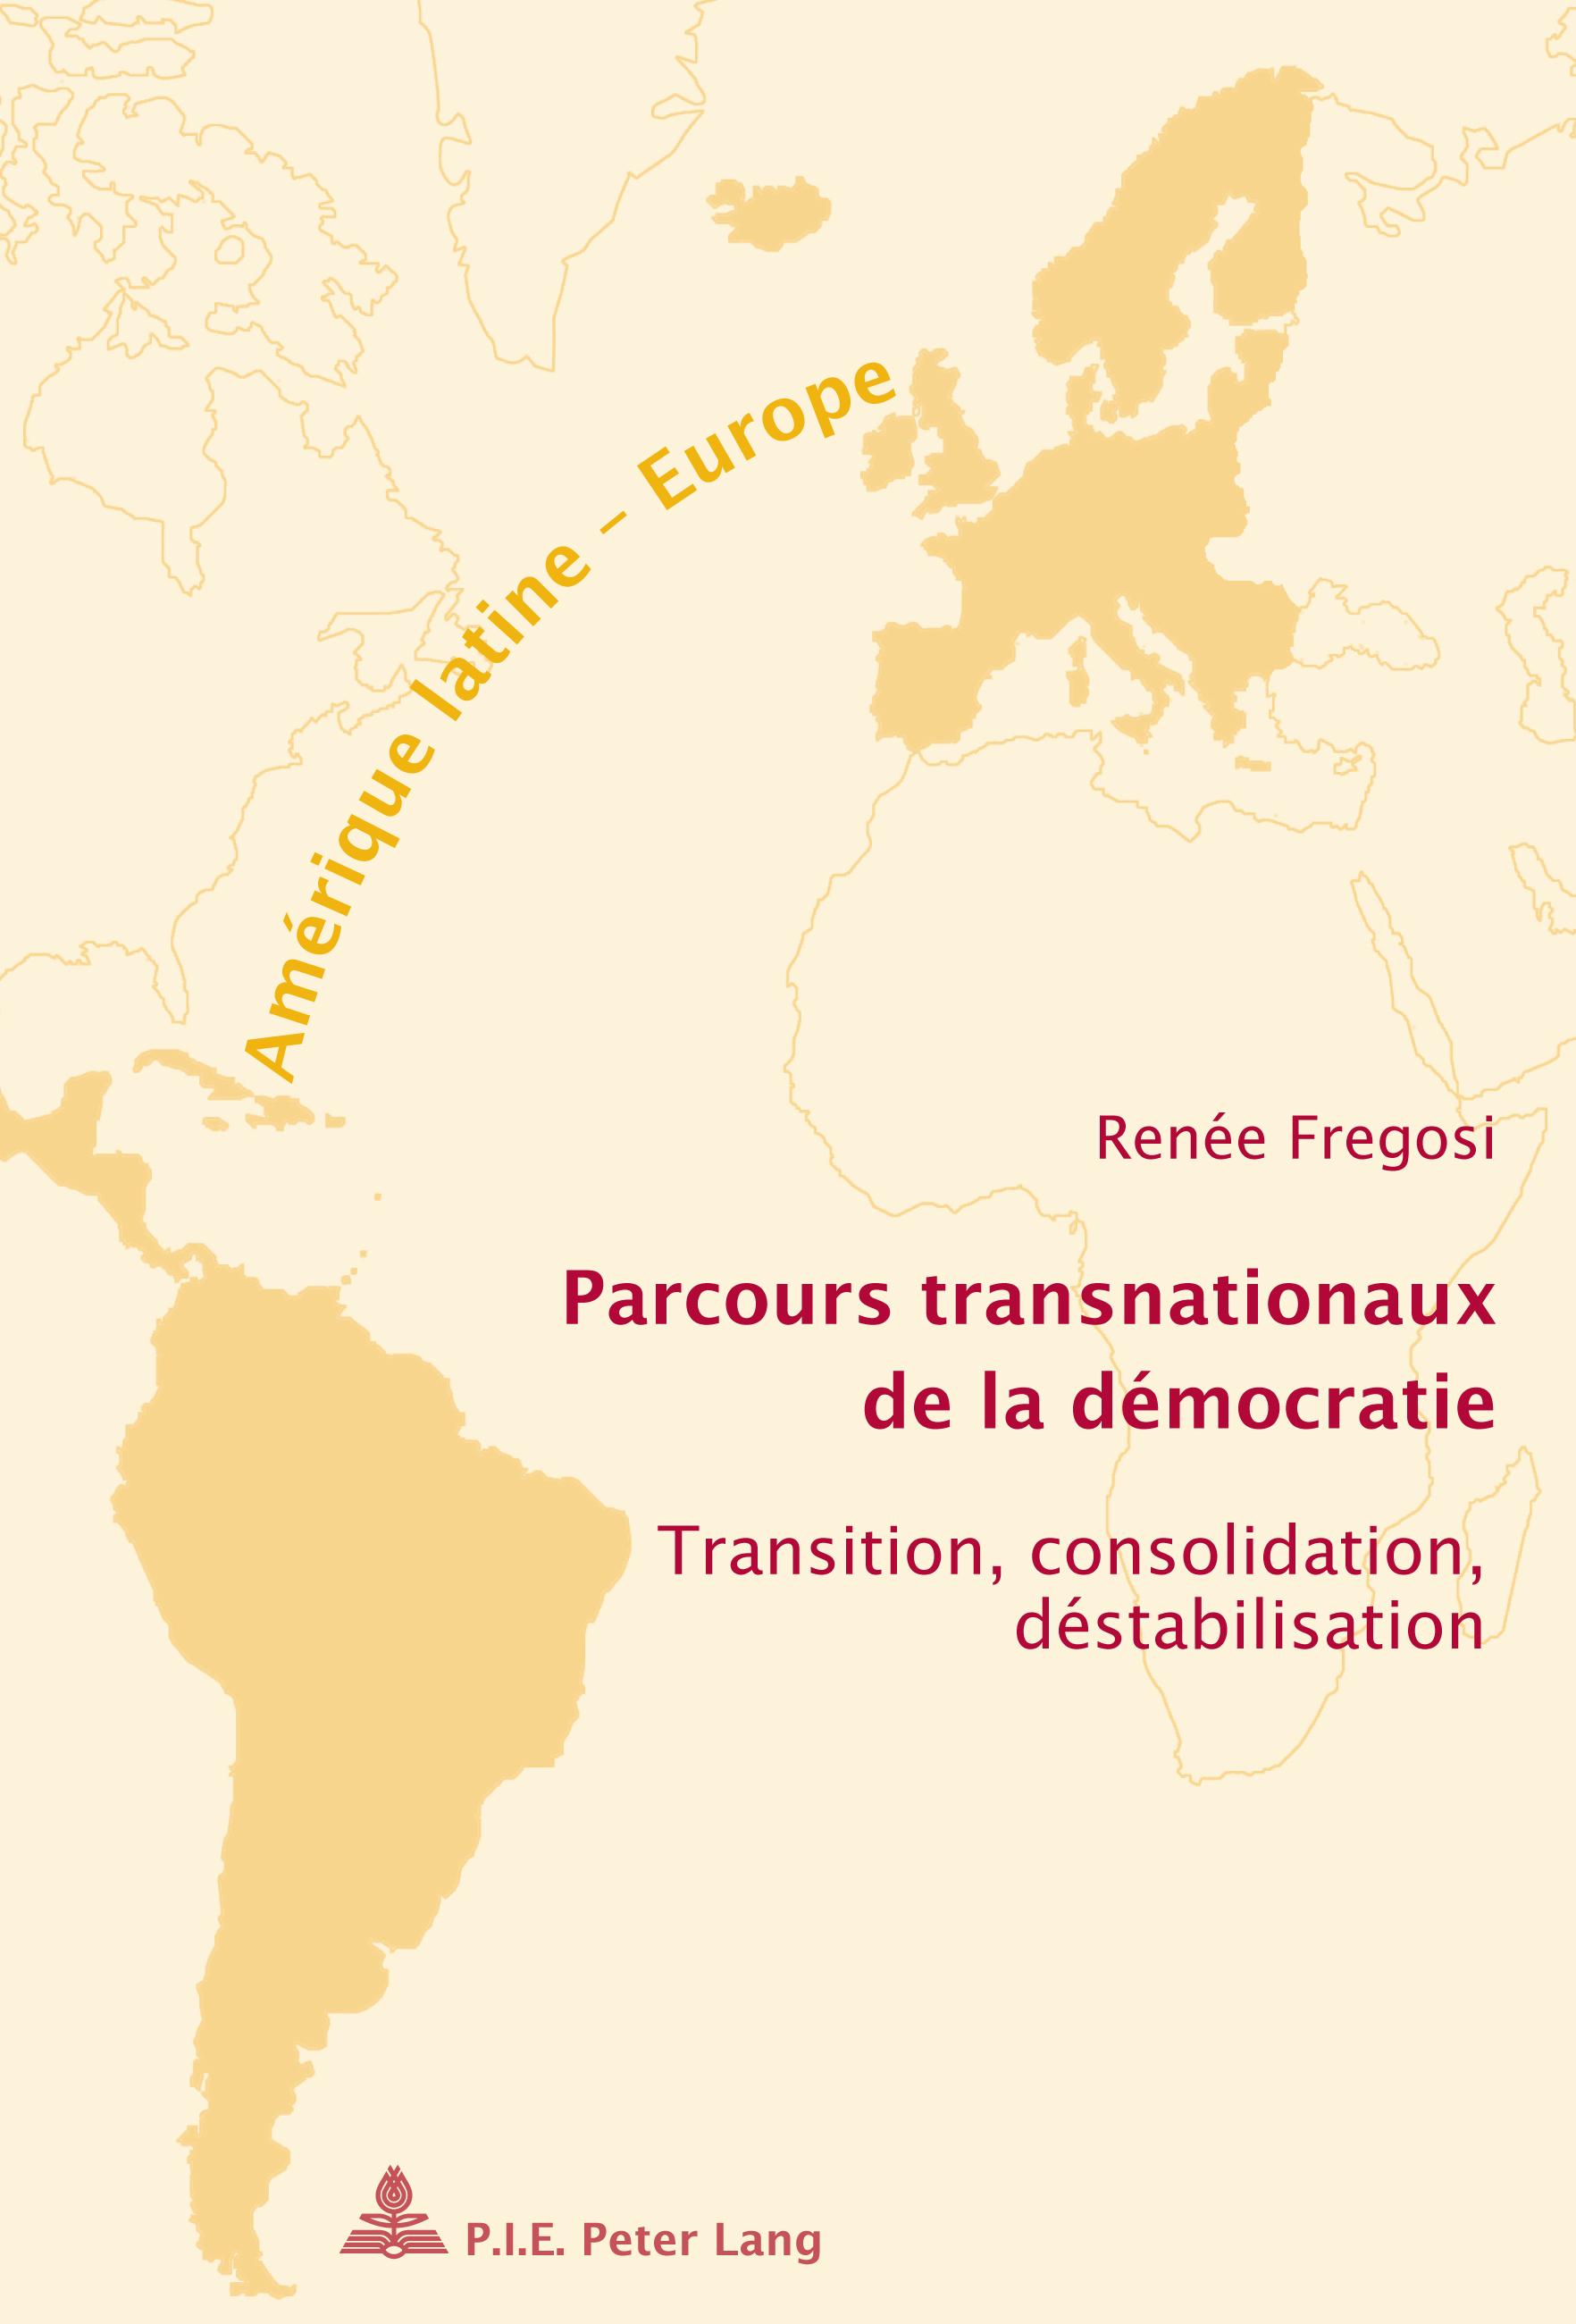 PARCOURS TRANSNATIONAUX DE LA DEMOCRATIE